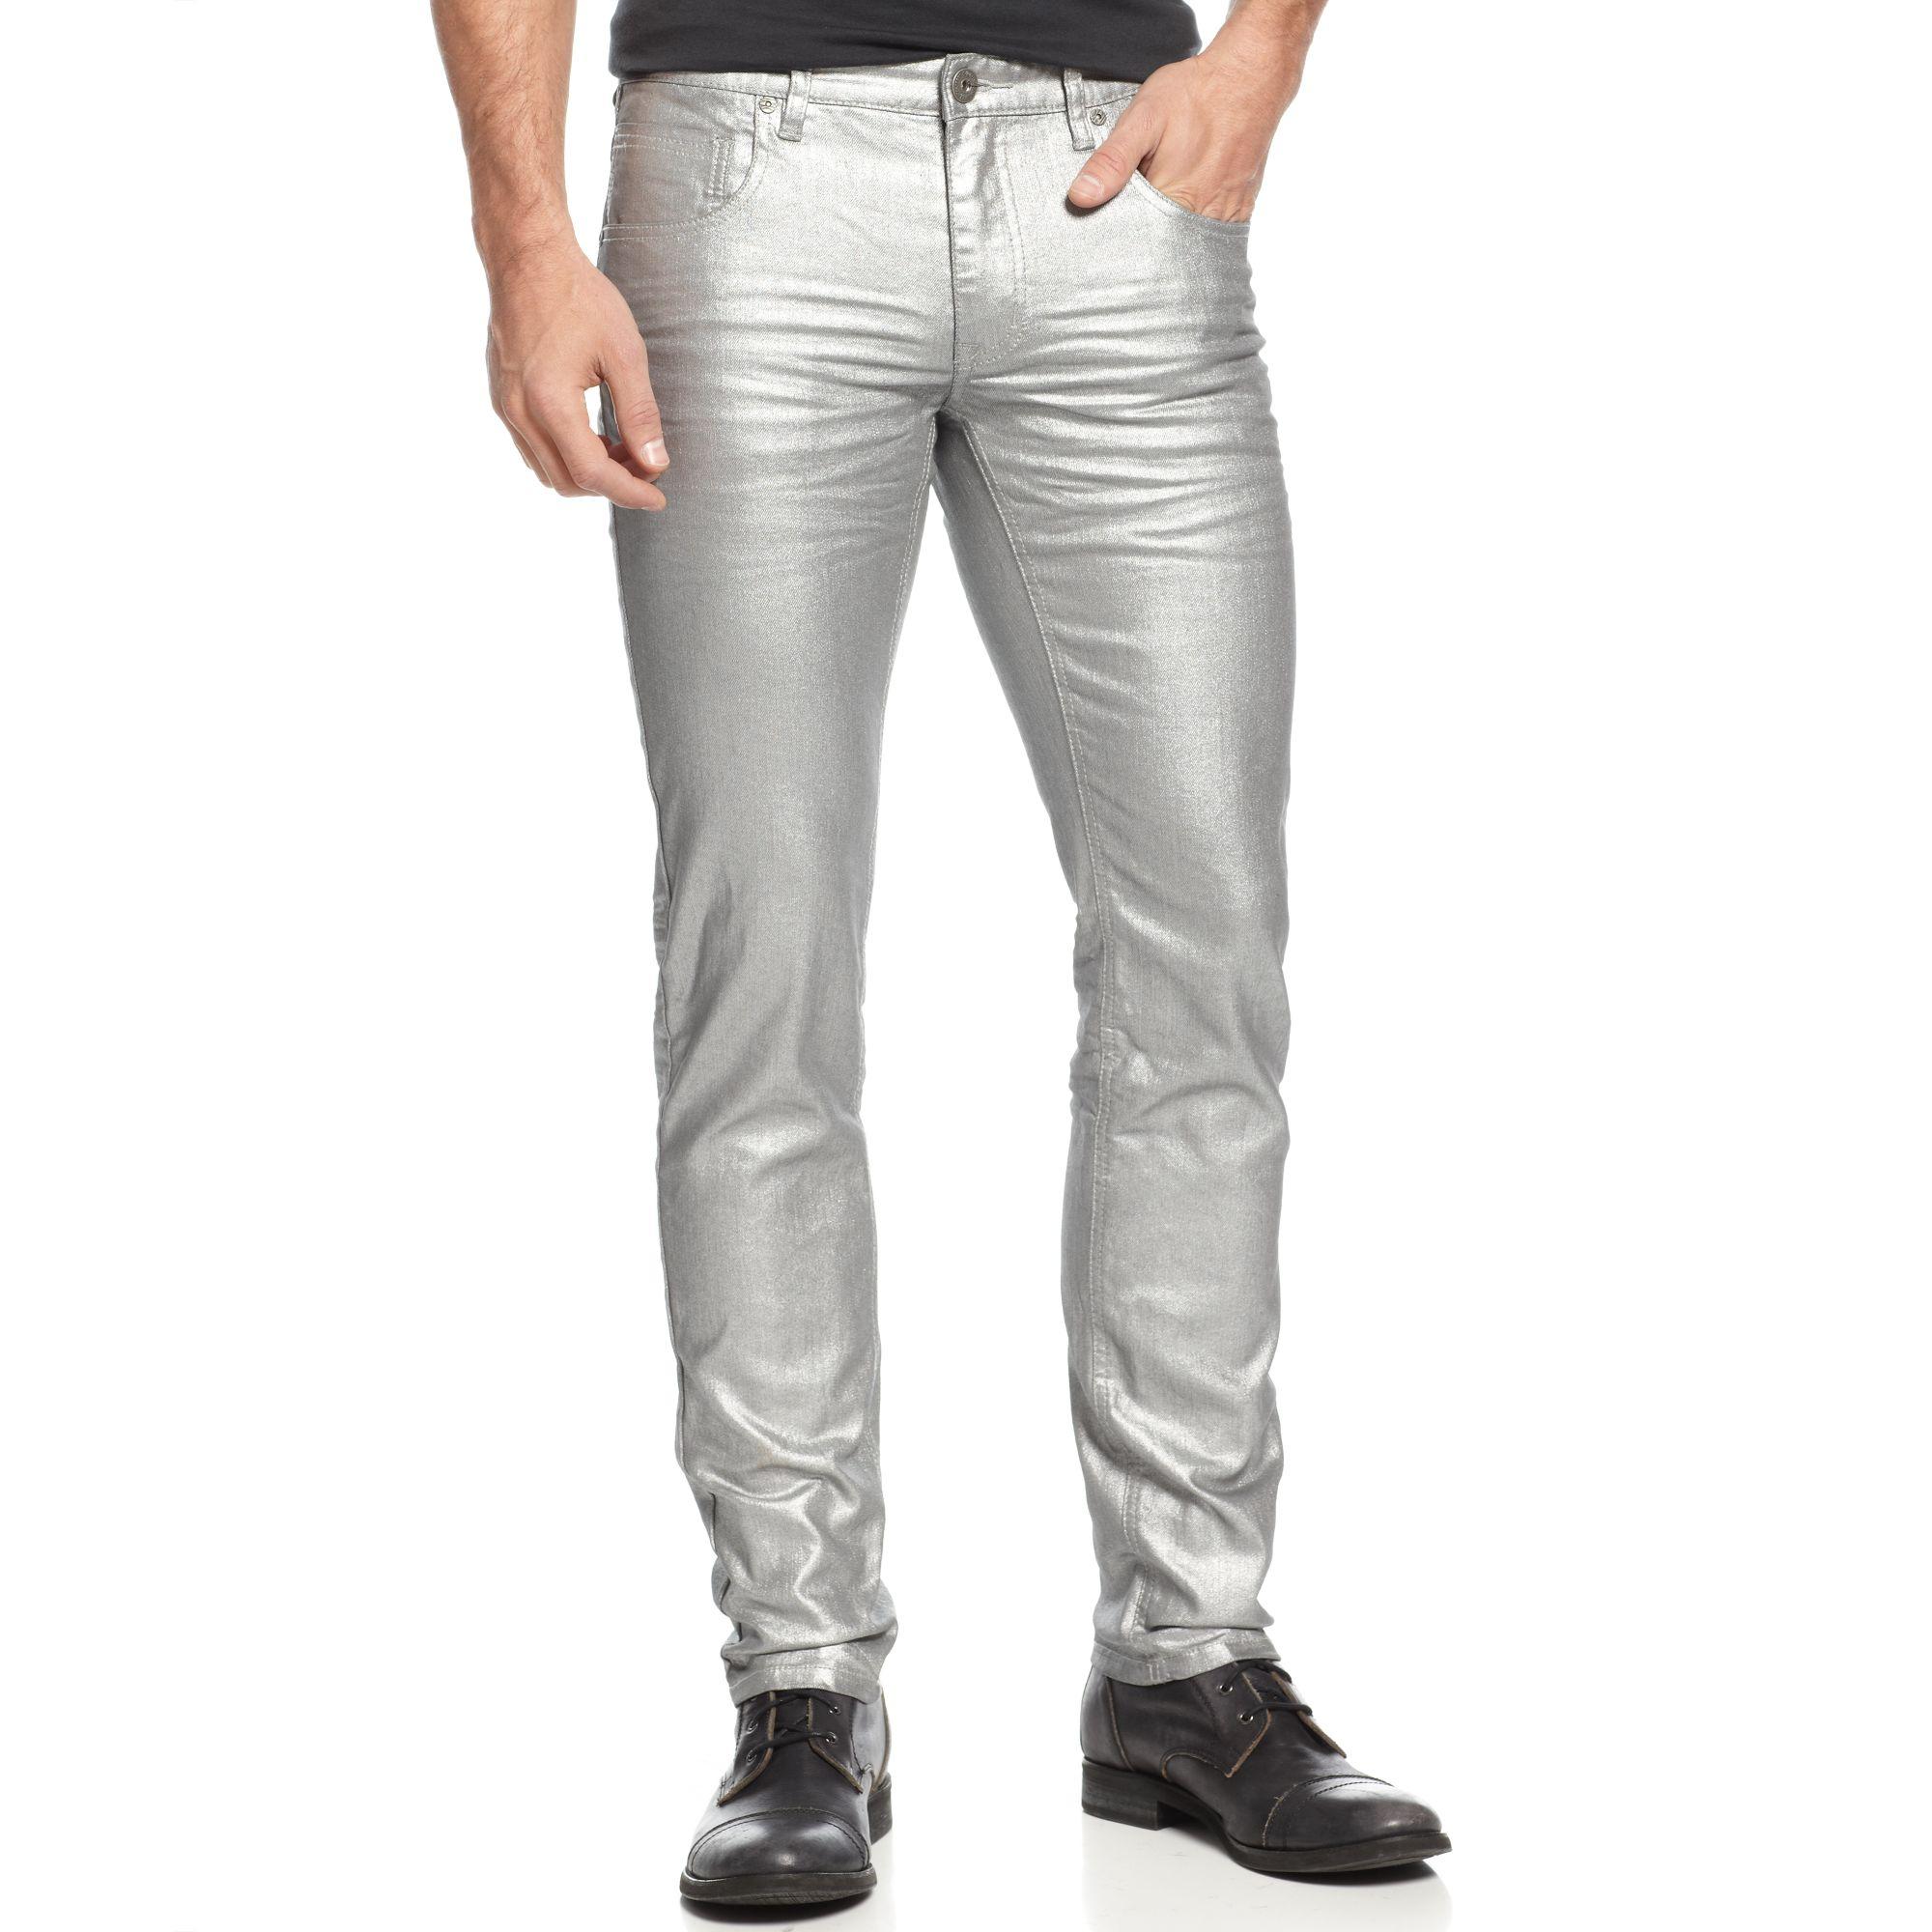 Hollister Mens Super Skinny Jeans